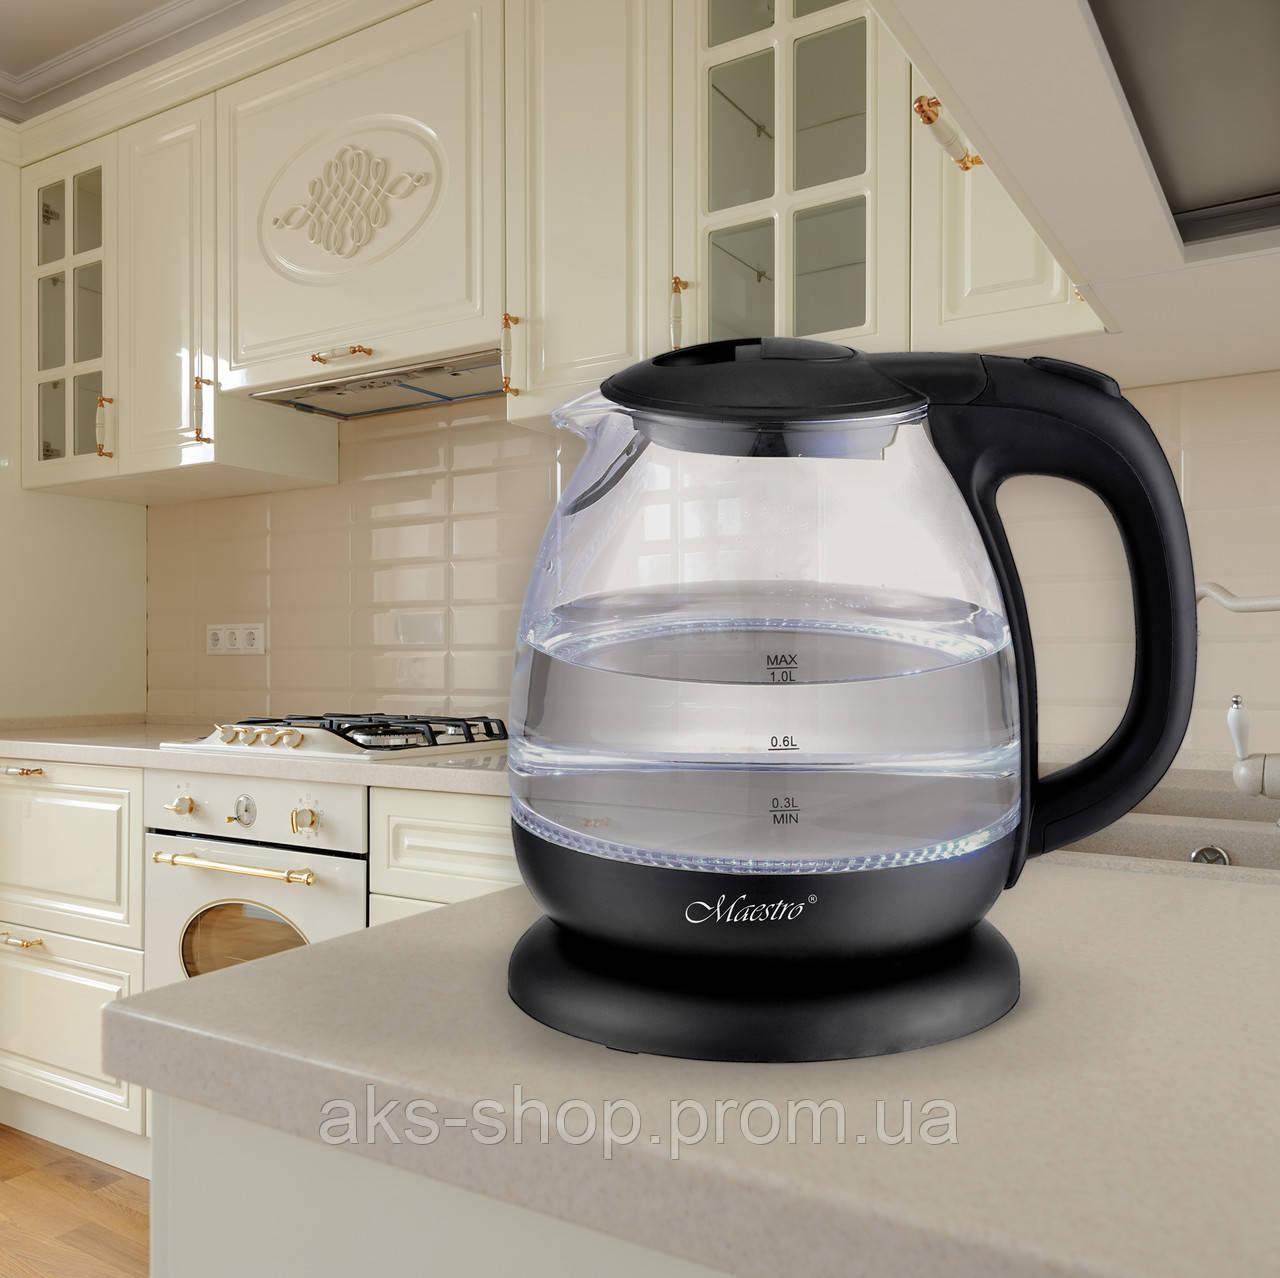 Стеклянный электрочайник Maestro MR-055 чёрный (1 л, 1100 Вт)   электрический чайник Маэстро, Маестро